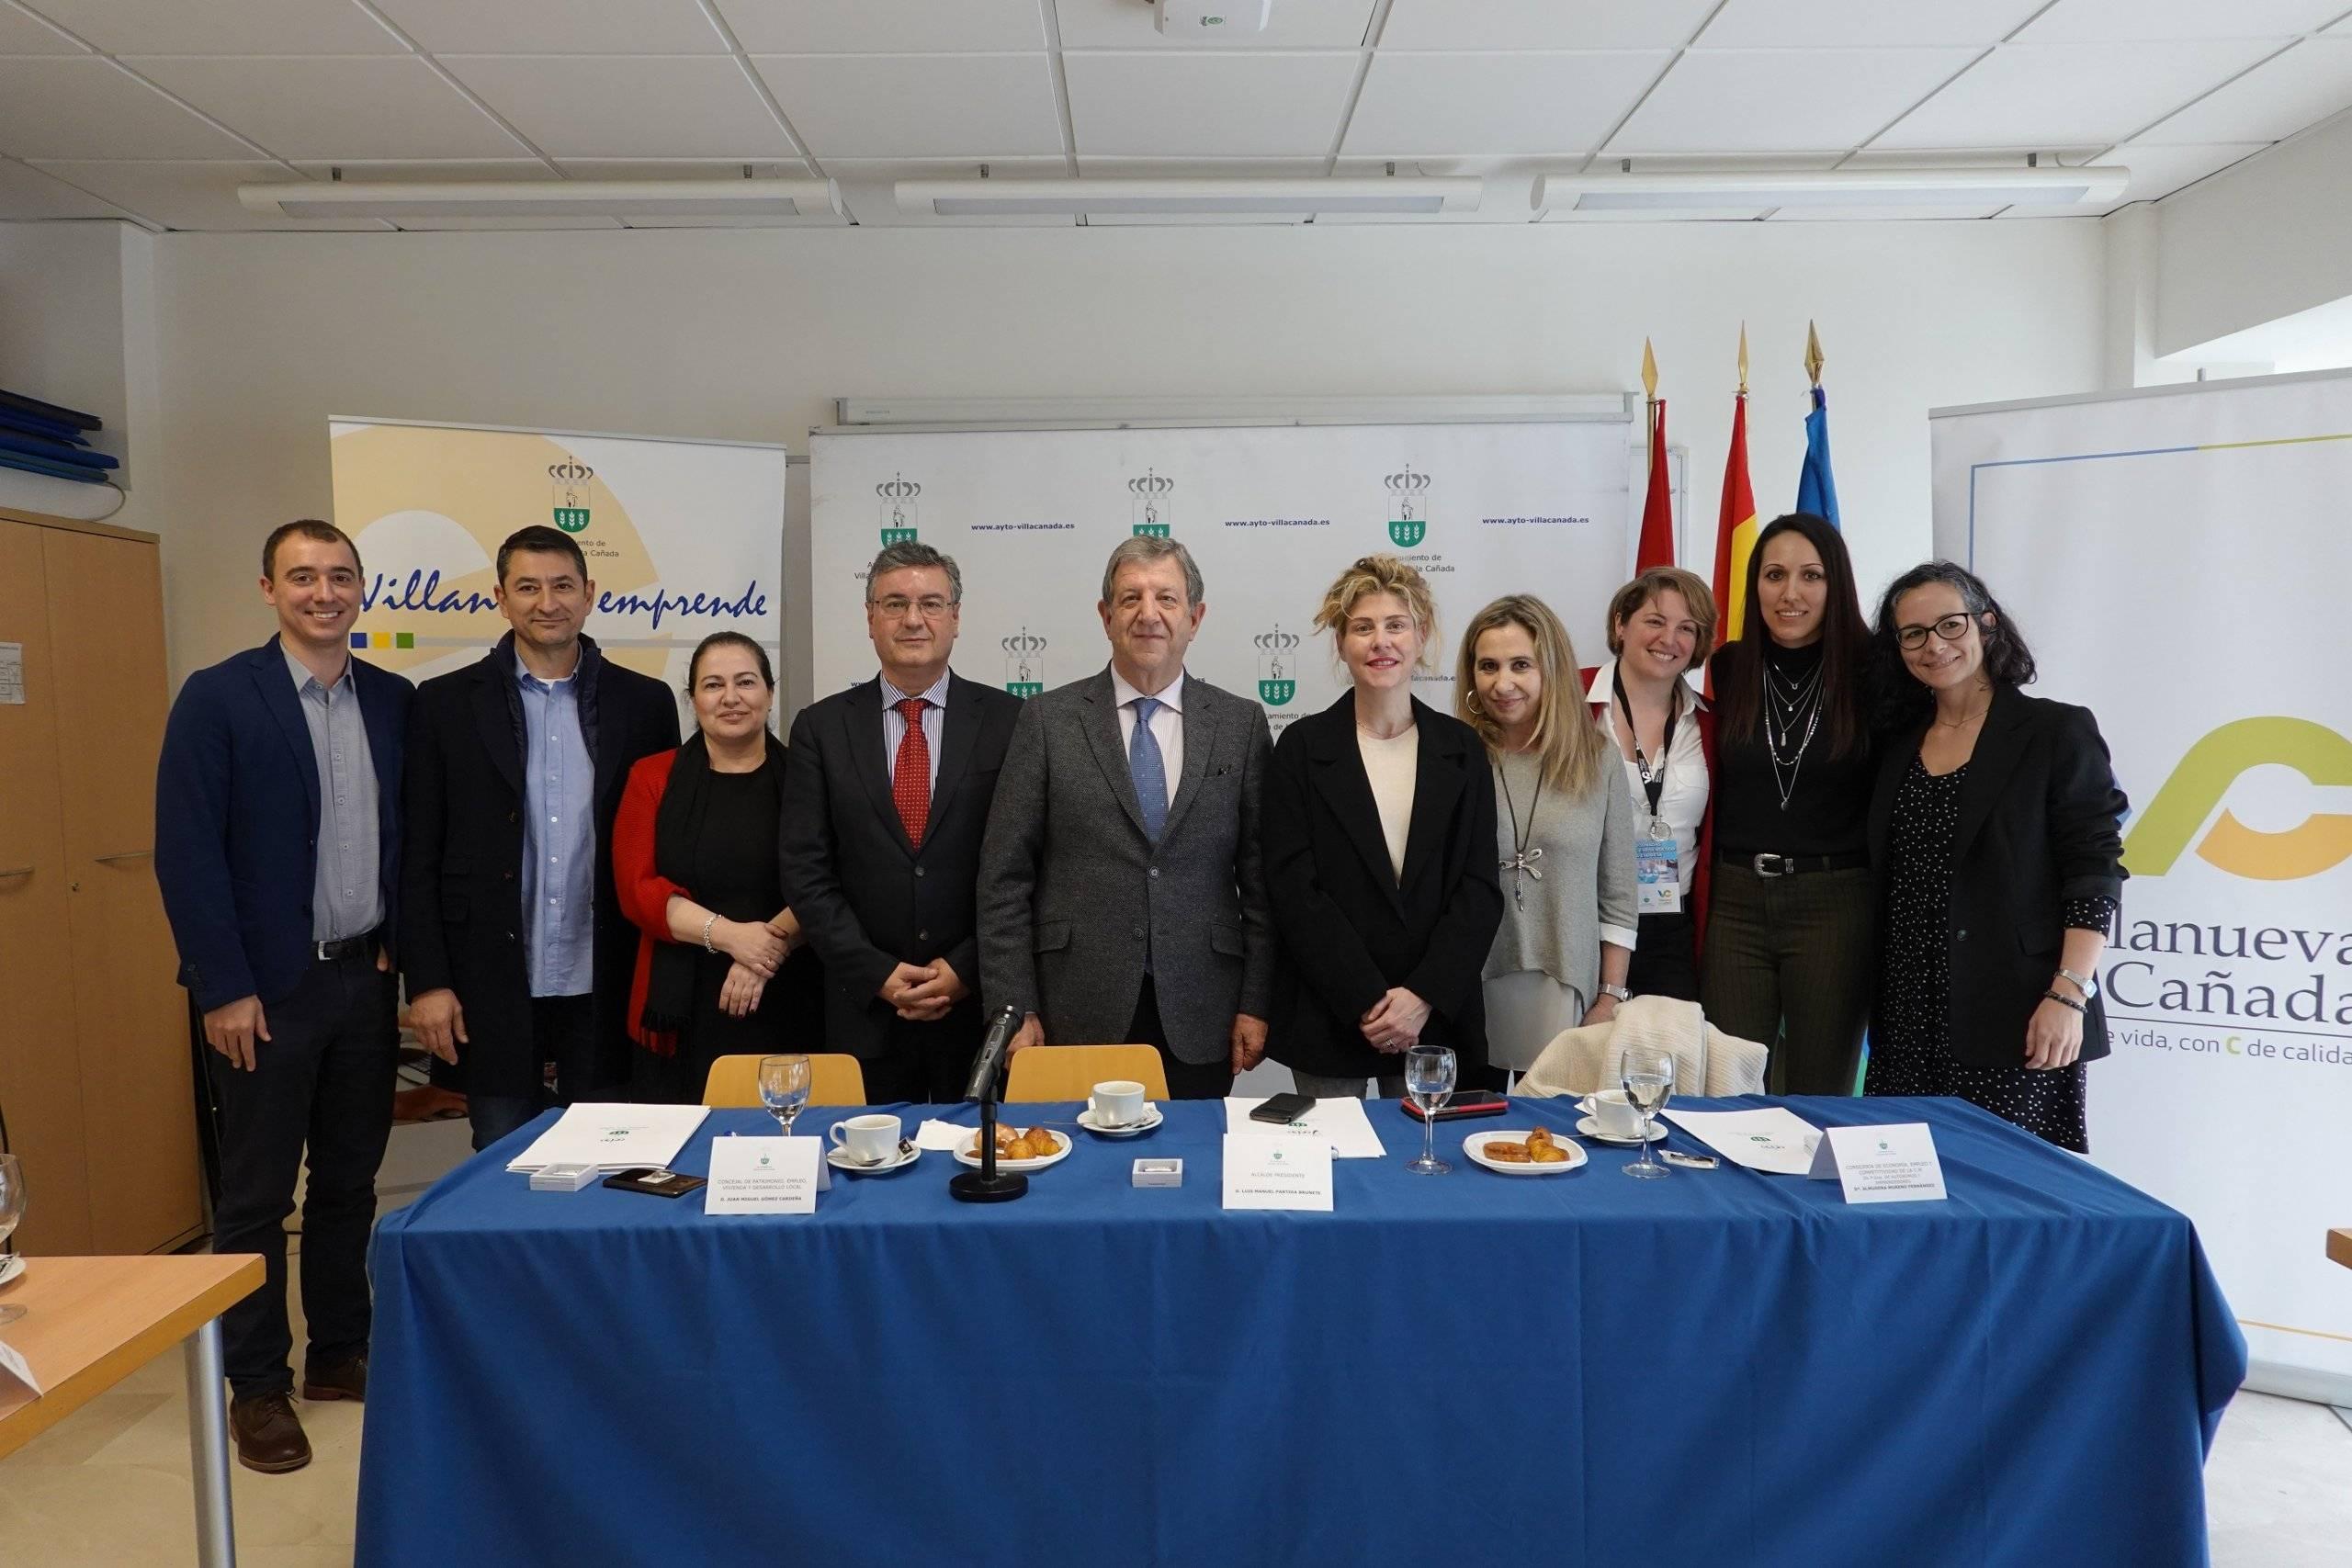 Autoridades junto a miembros del equipo docente de las XV Jornadas del Emprendedor y la Empresa.